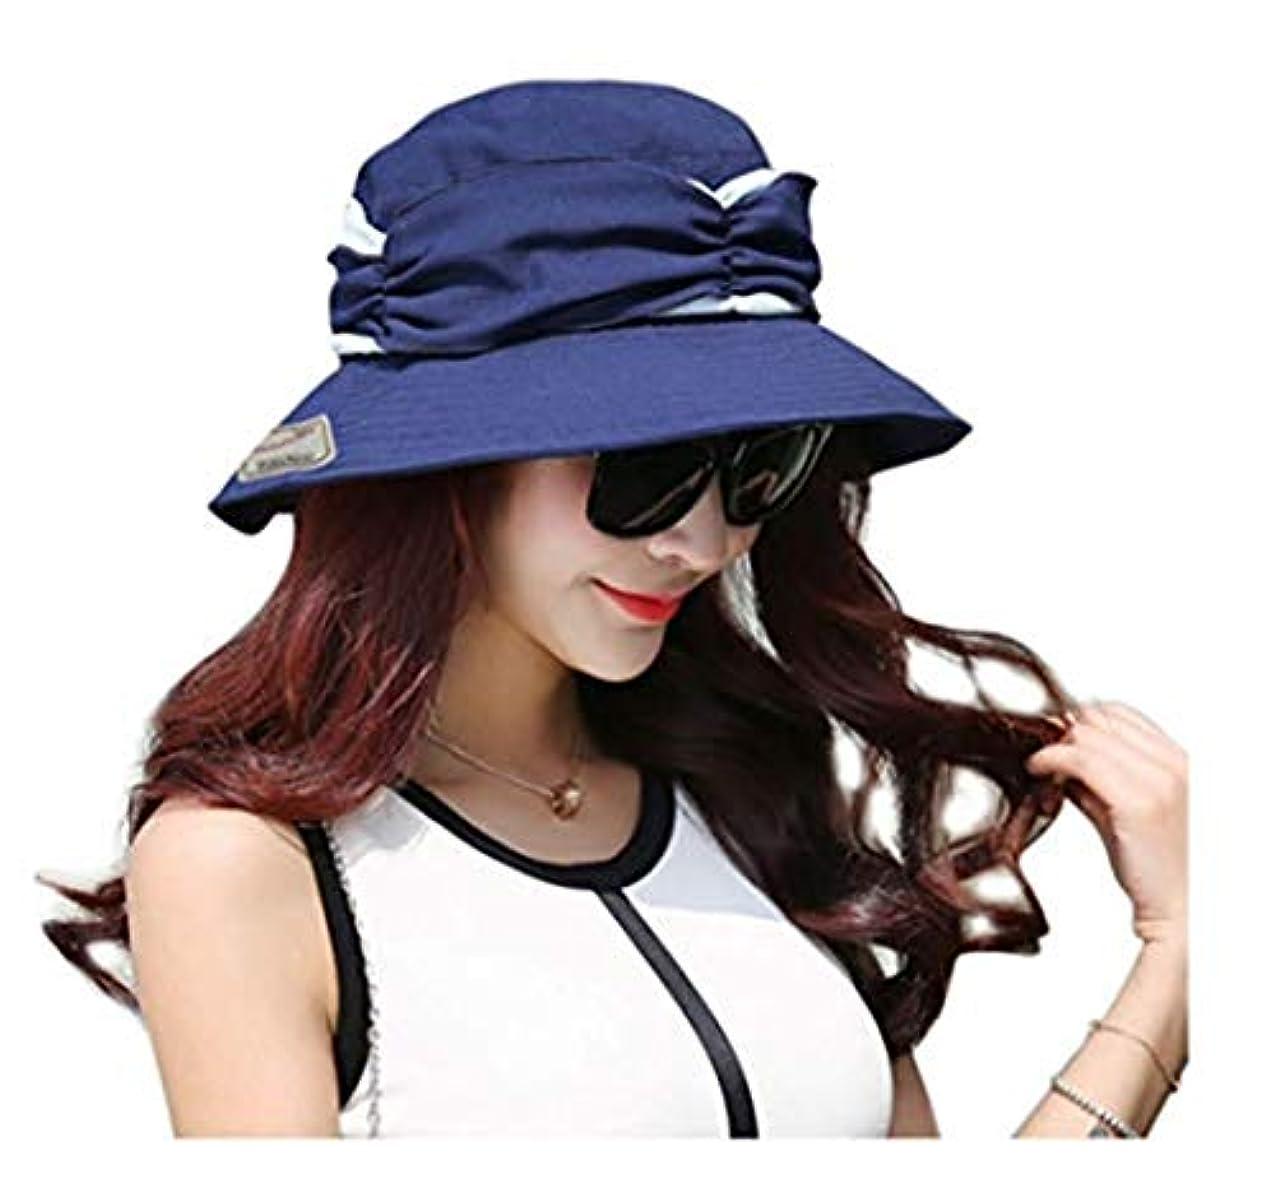 ディーラーエスニック分注するレディース 帽子 360度 UVカット ハット メッシュ 日よけ帽子 夏 日焼け防止 サンバイザー 取り外すあご紐 つば広 紫外線対策 熱中症予防 おしゃれ 可愛い 小顔効果 旅行 自転車 農作業